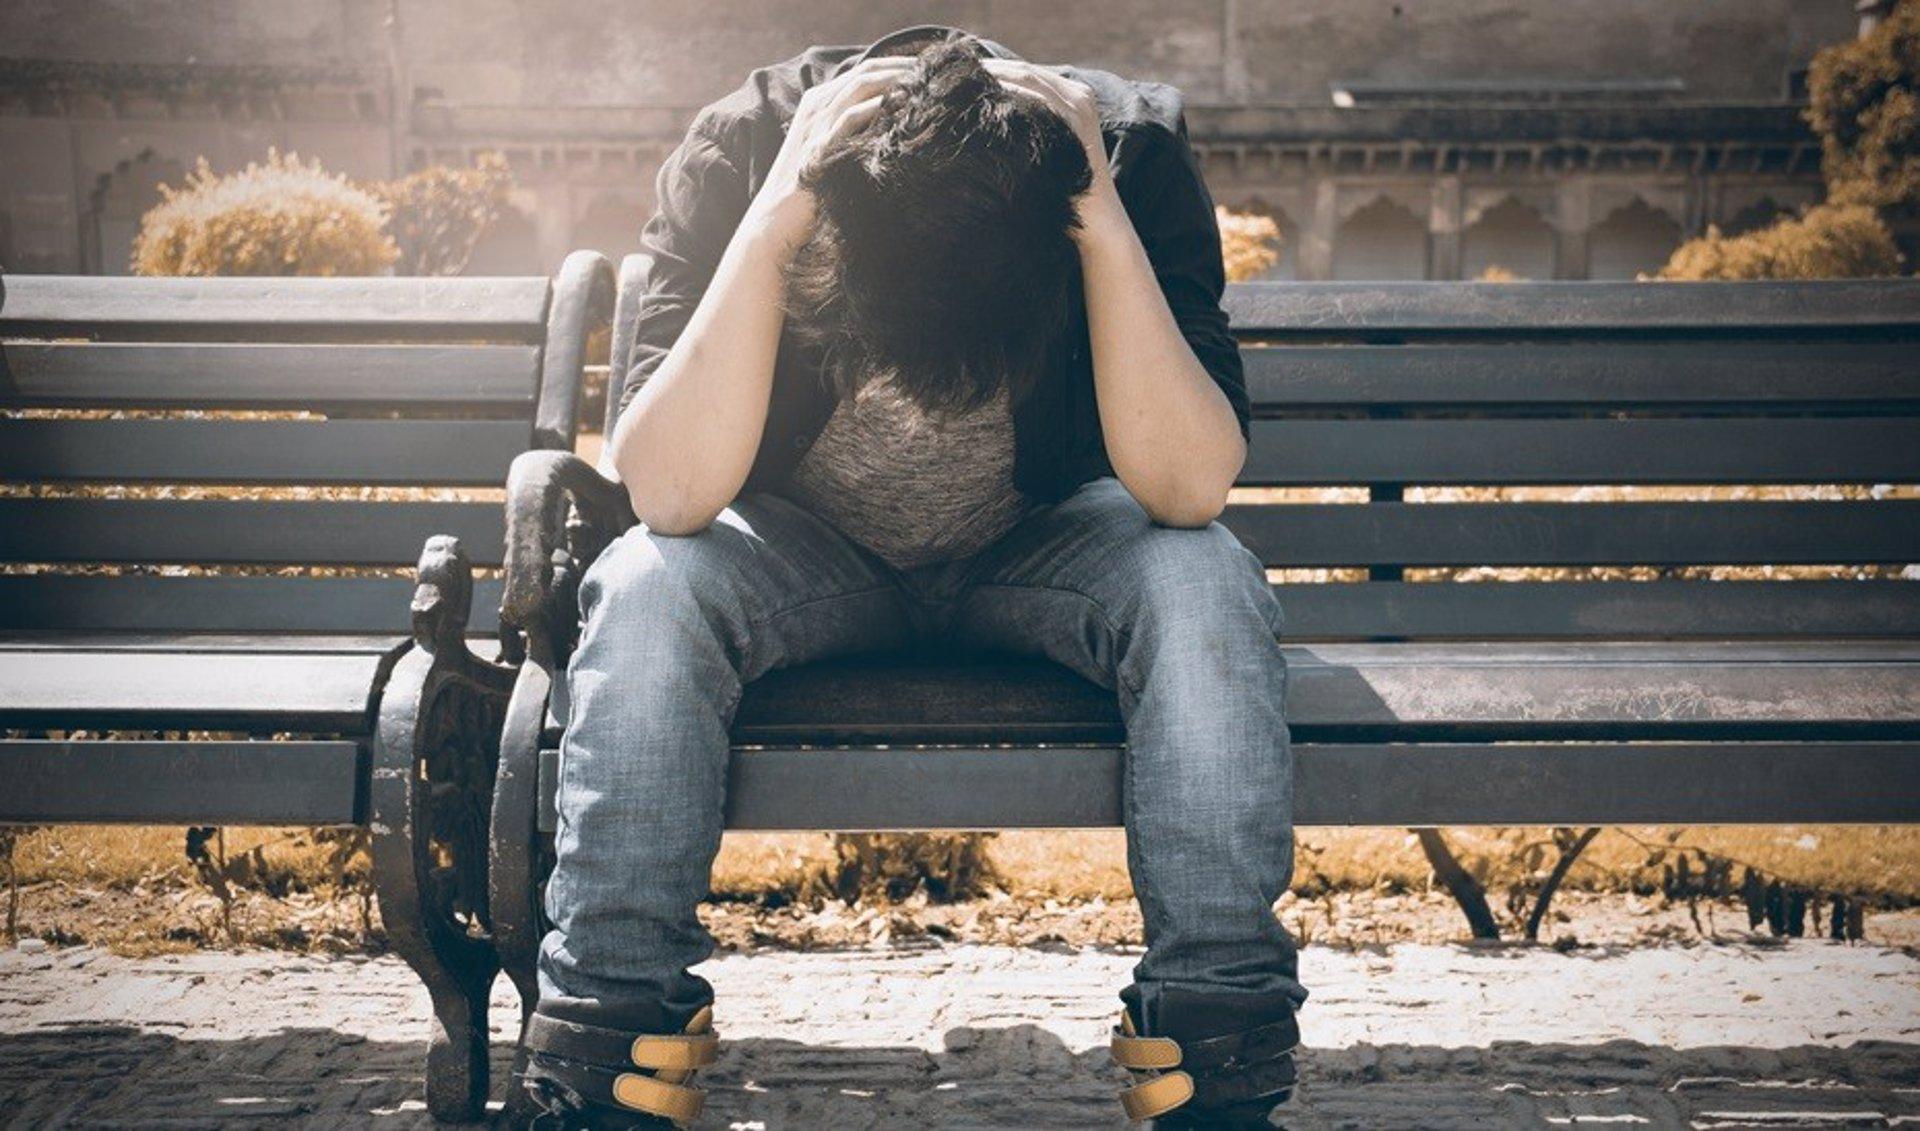 El programa de evaluación, diagnóstico y tratamiento de la Junta atiende a 575 menores víctimas de violencia sexual